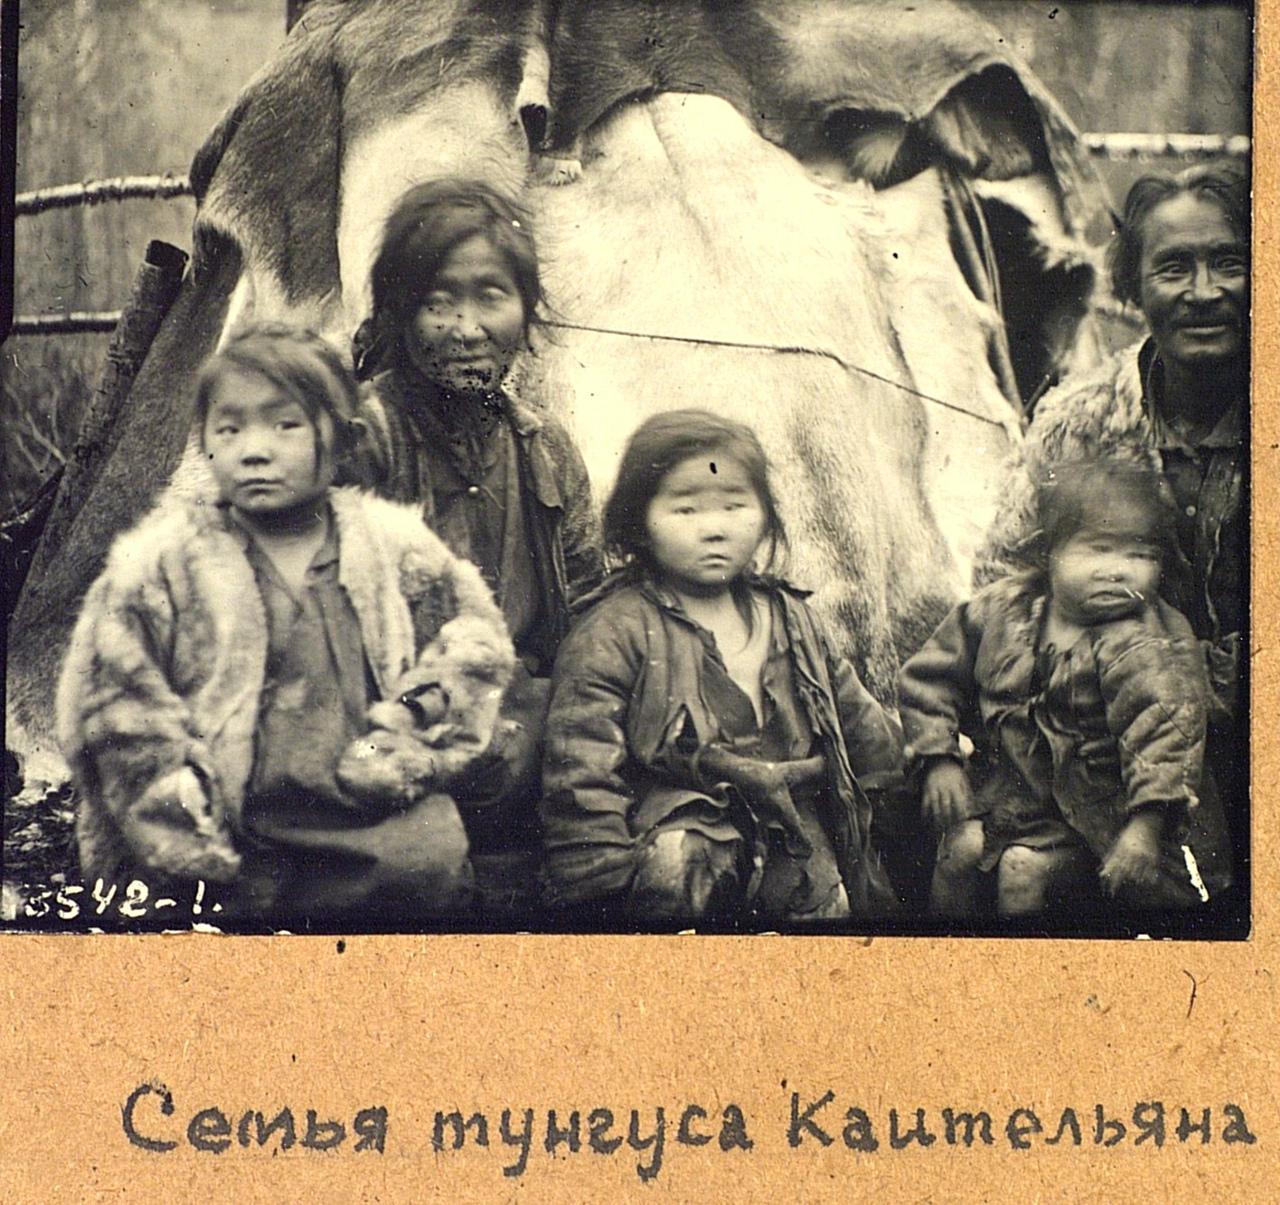 Семья охотника Коительяна. Эвенки (тунгусы). Омская область, Тарский район. 1926. № 3542-1.